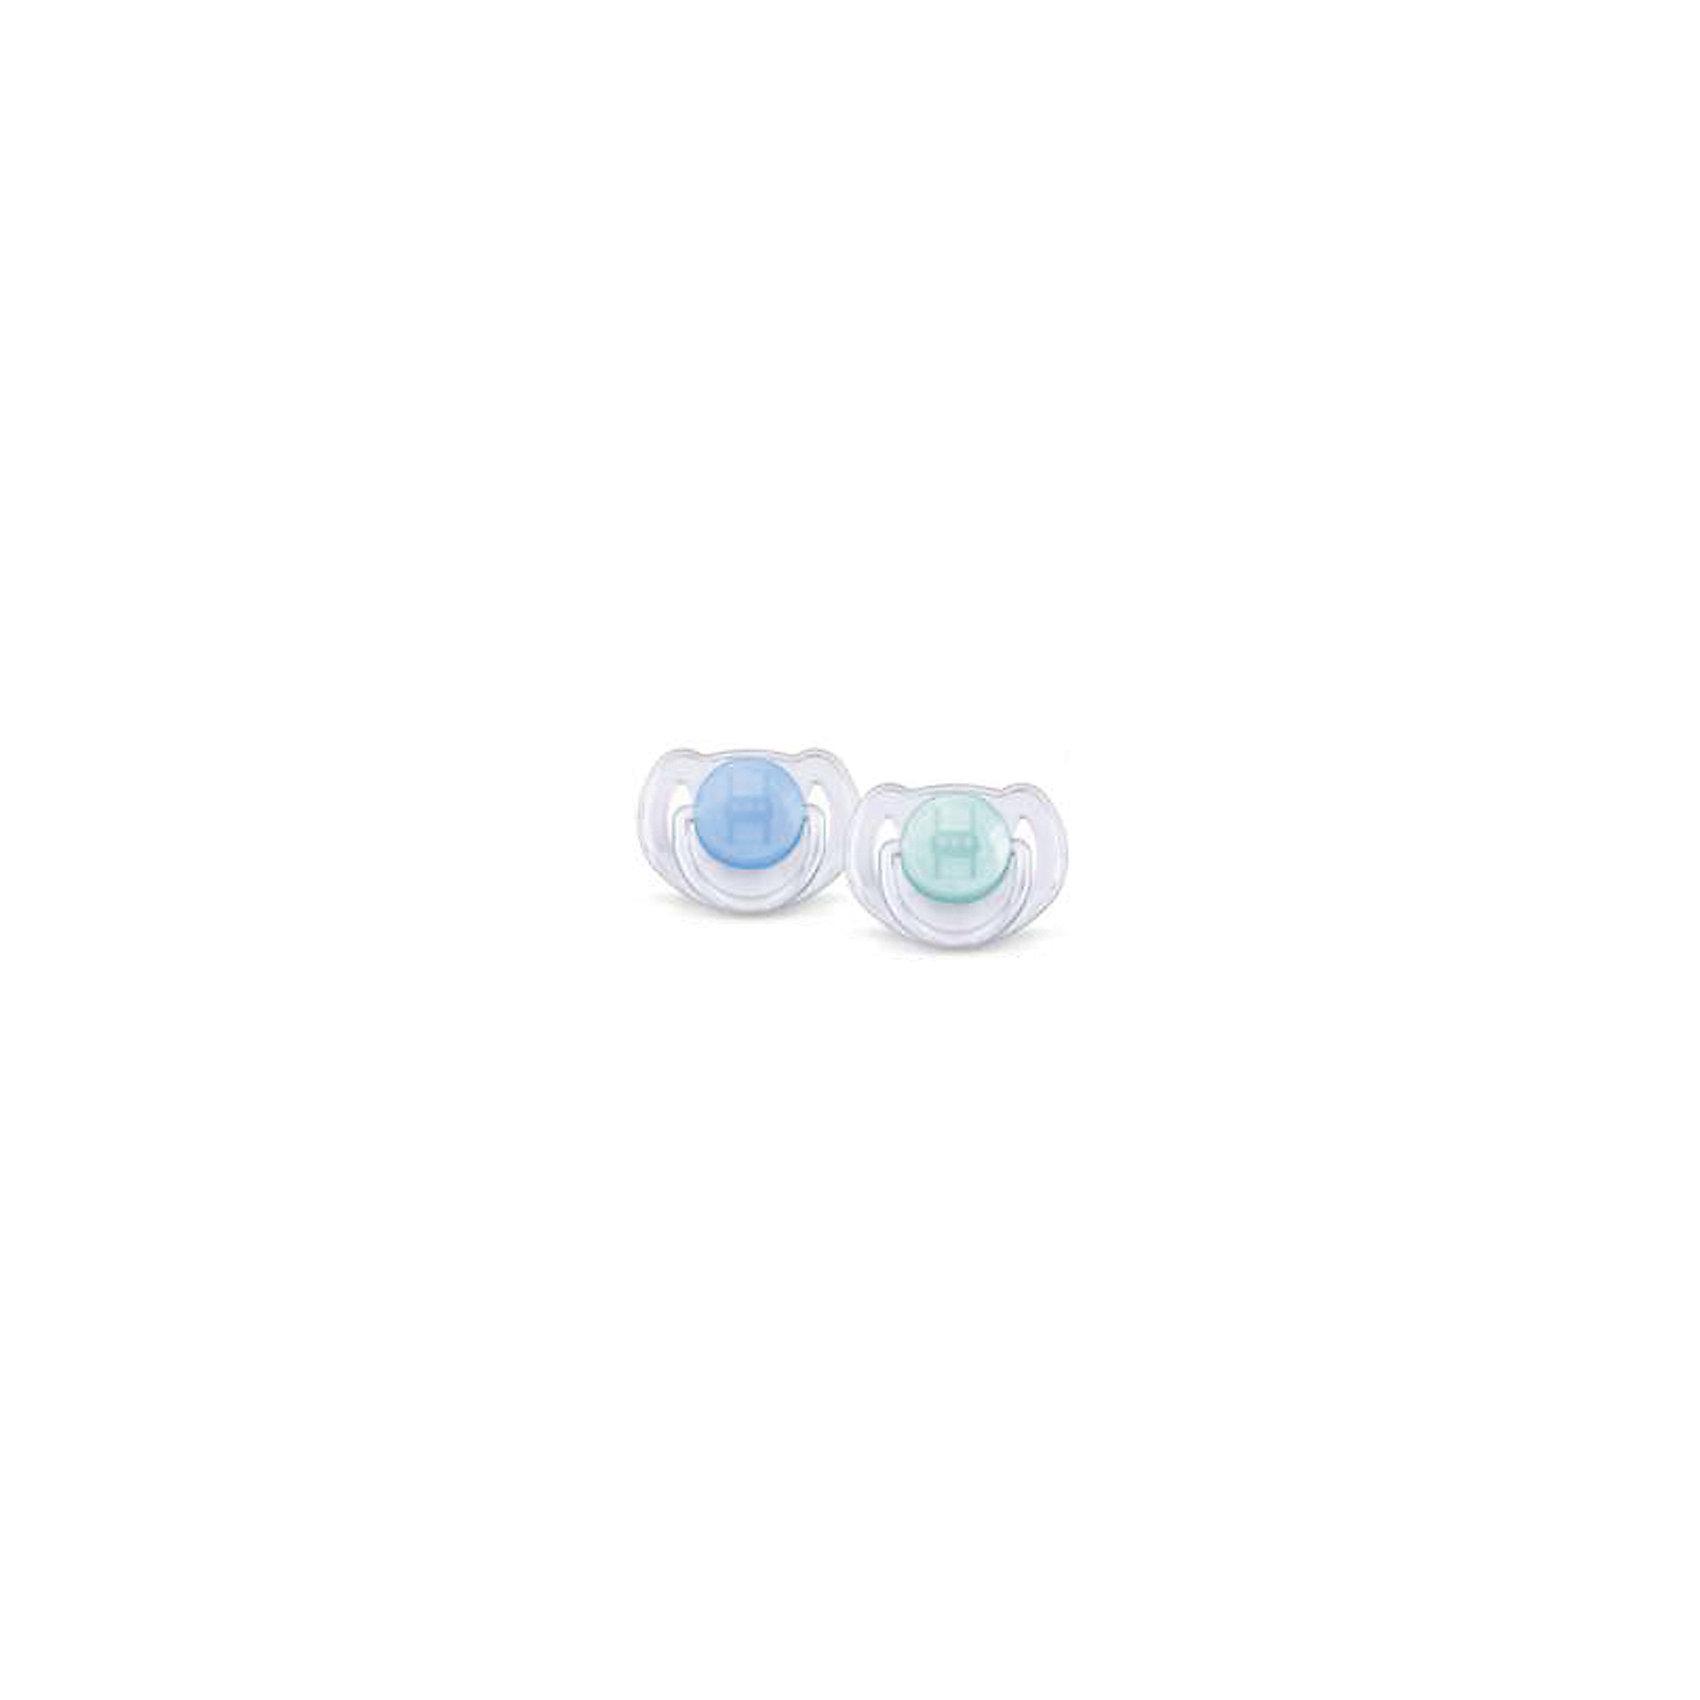 PHILIPS AVENT Силиконовая пустышка Классика, 6-18 мес., 2 шт., AVENT, голубой/зеленый